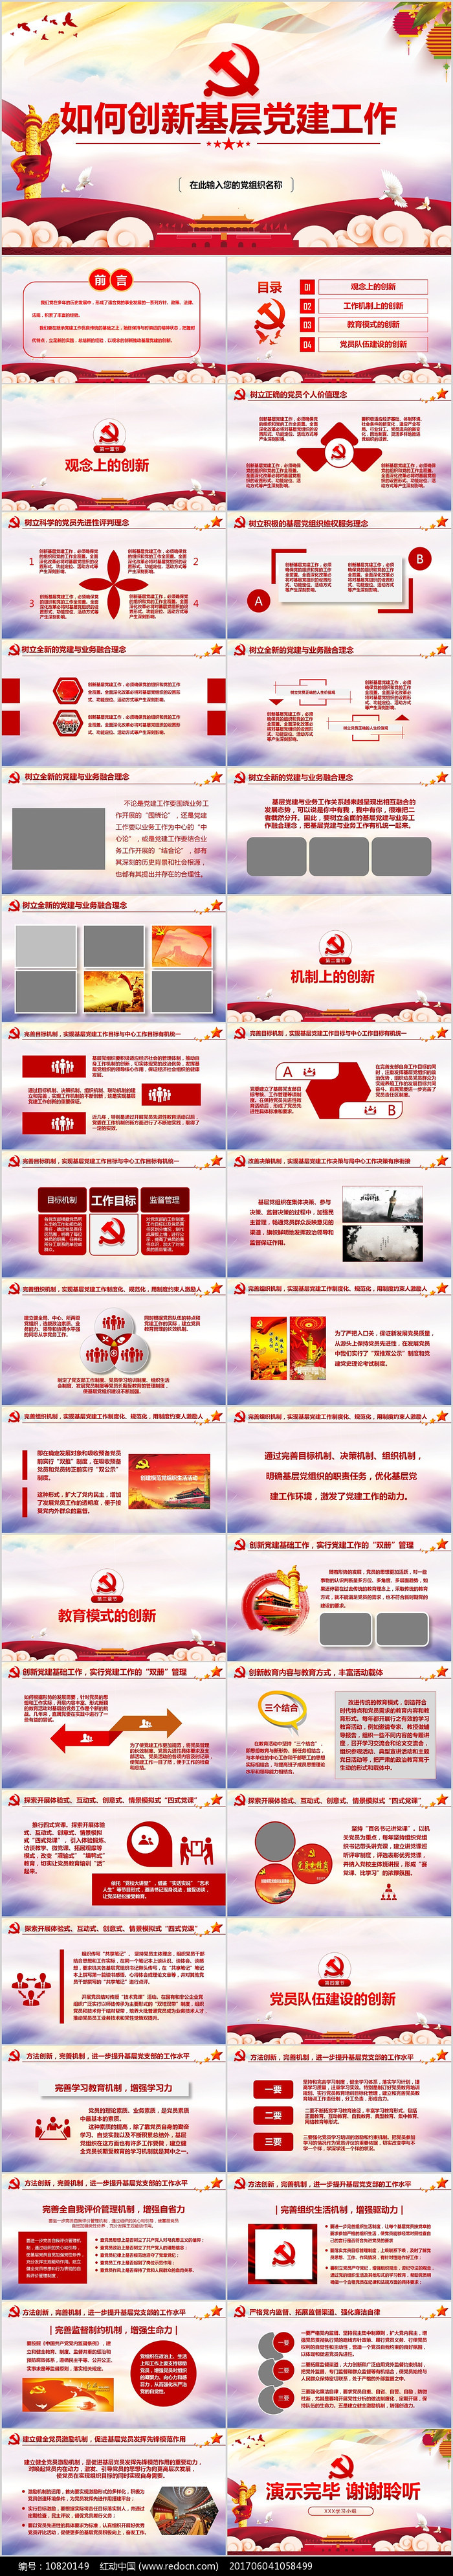 新时代党支部党组织基层党建创新工作图片